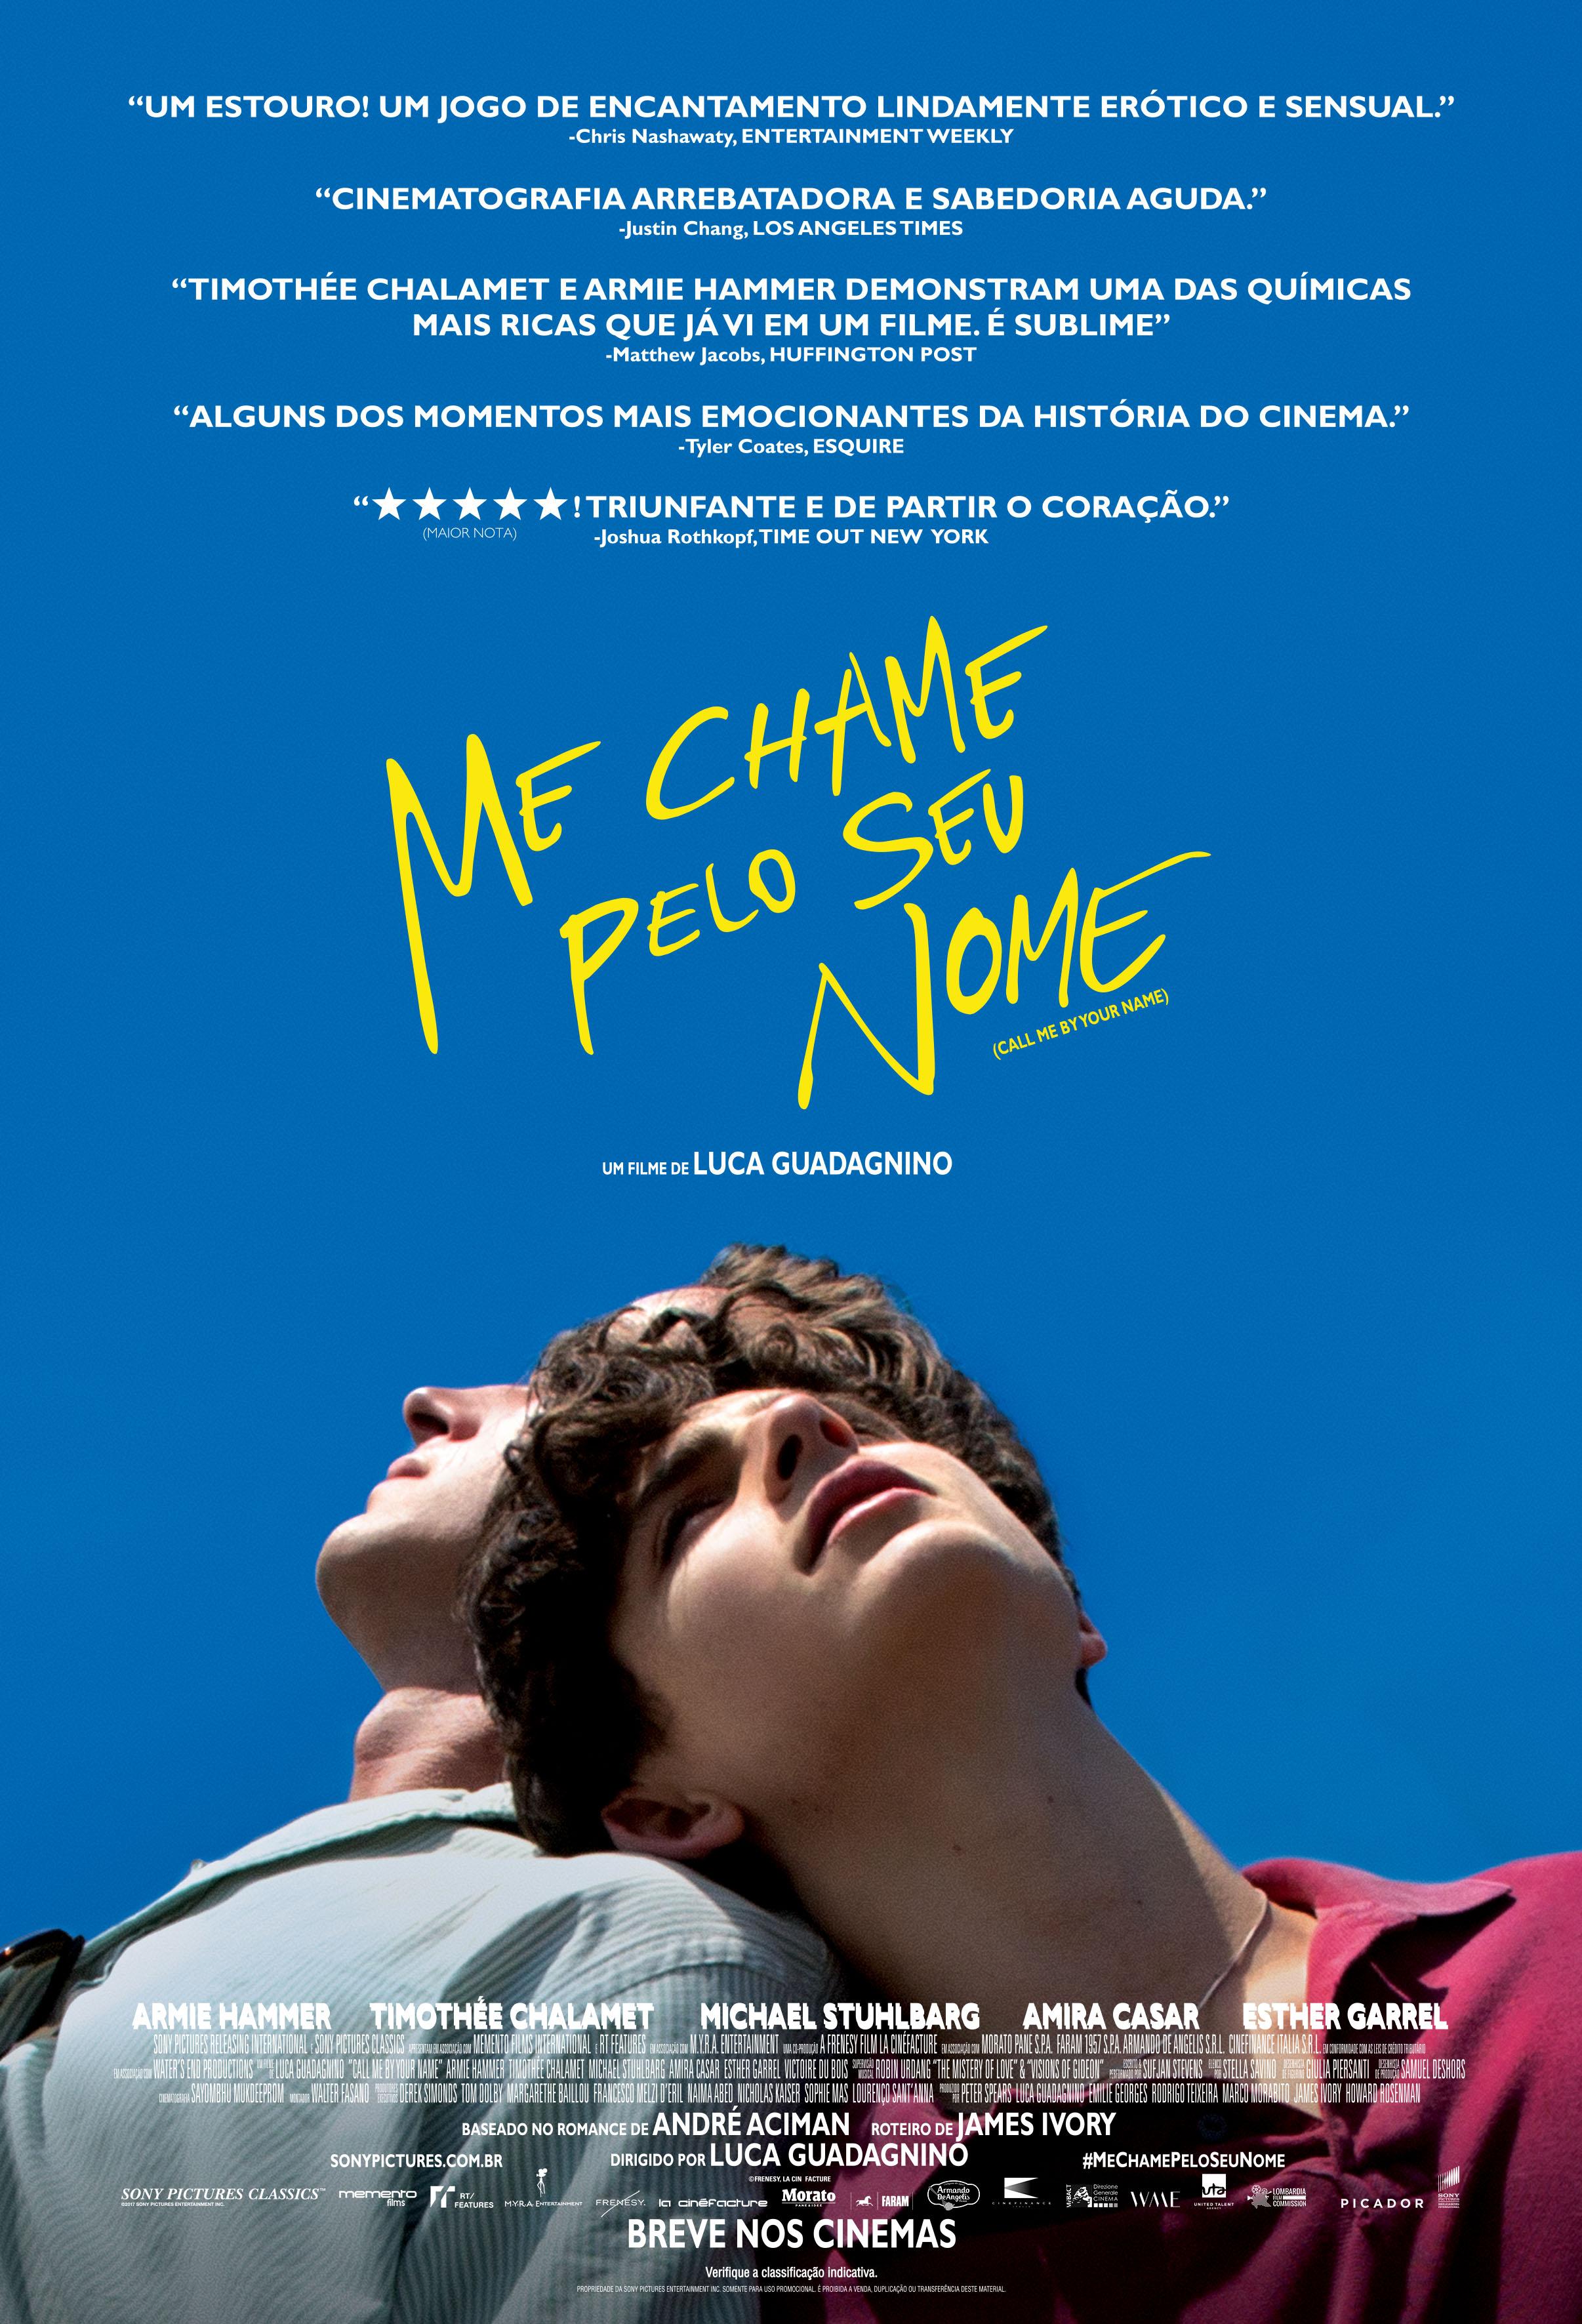 'Me Chame Pelo Seu Nome' ganha seu primeiro trailer legendado 1